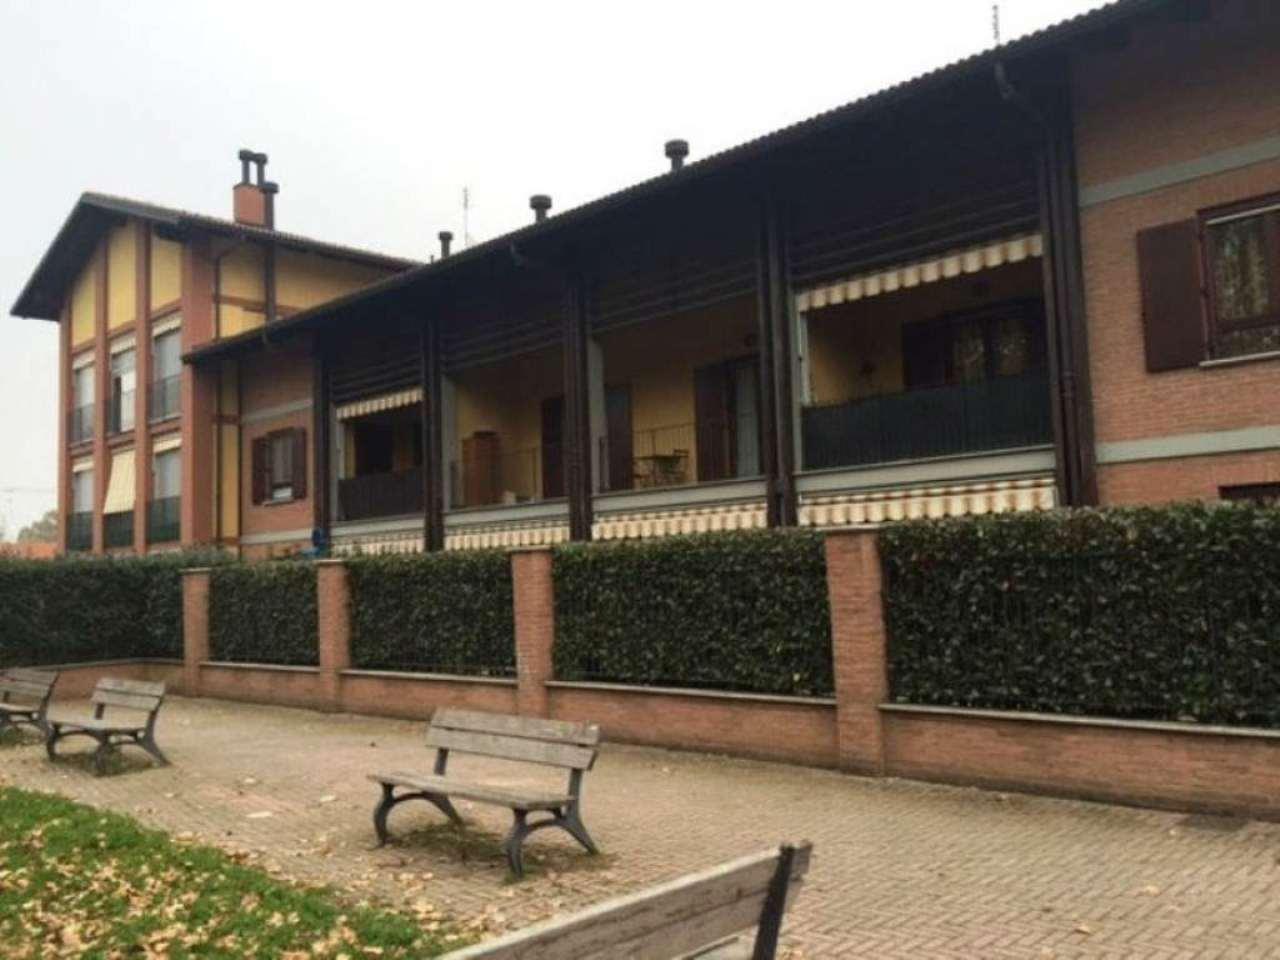 Magazzino in vendita a Orbassano, 2 locali, prezzo € 48.000 | PortaleAgenzieImmobiliari.it